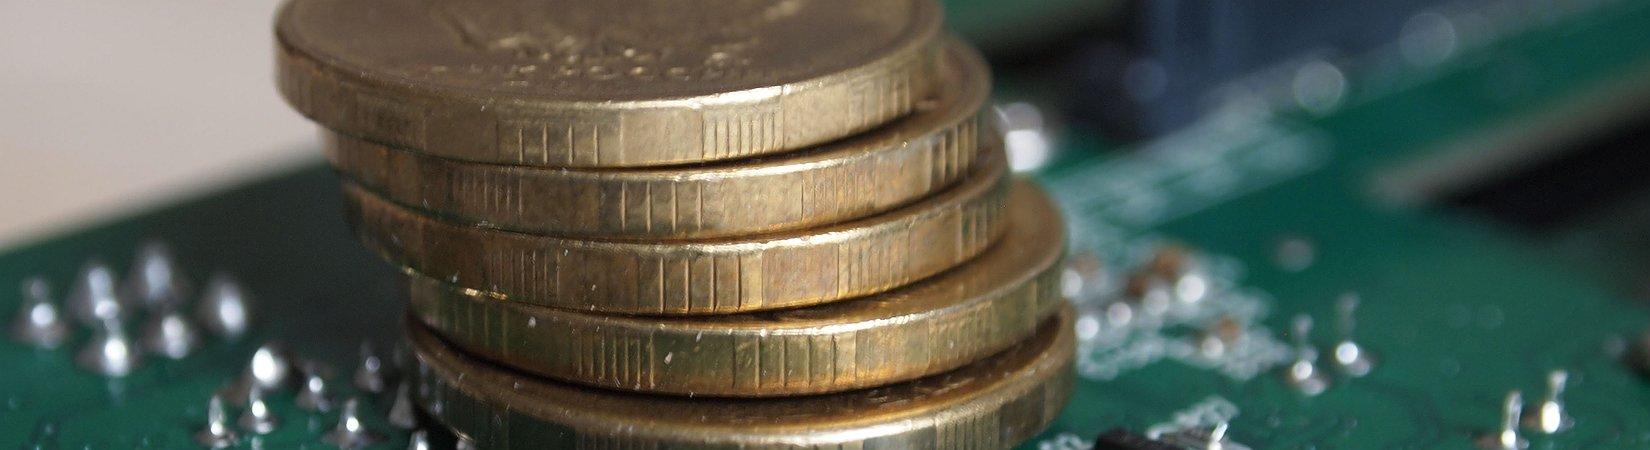 Bitcoin Cash может стать одним из крупнейших альткоинов